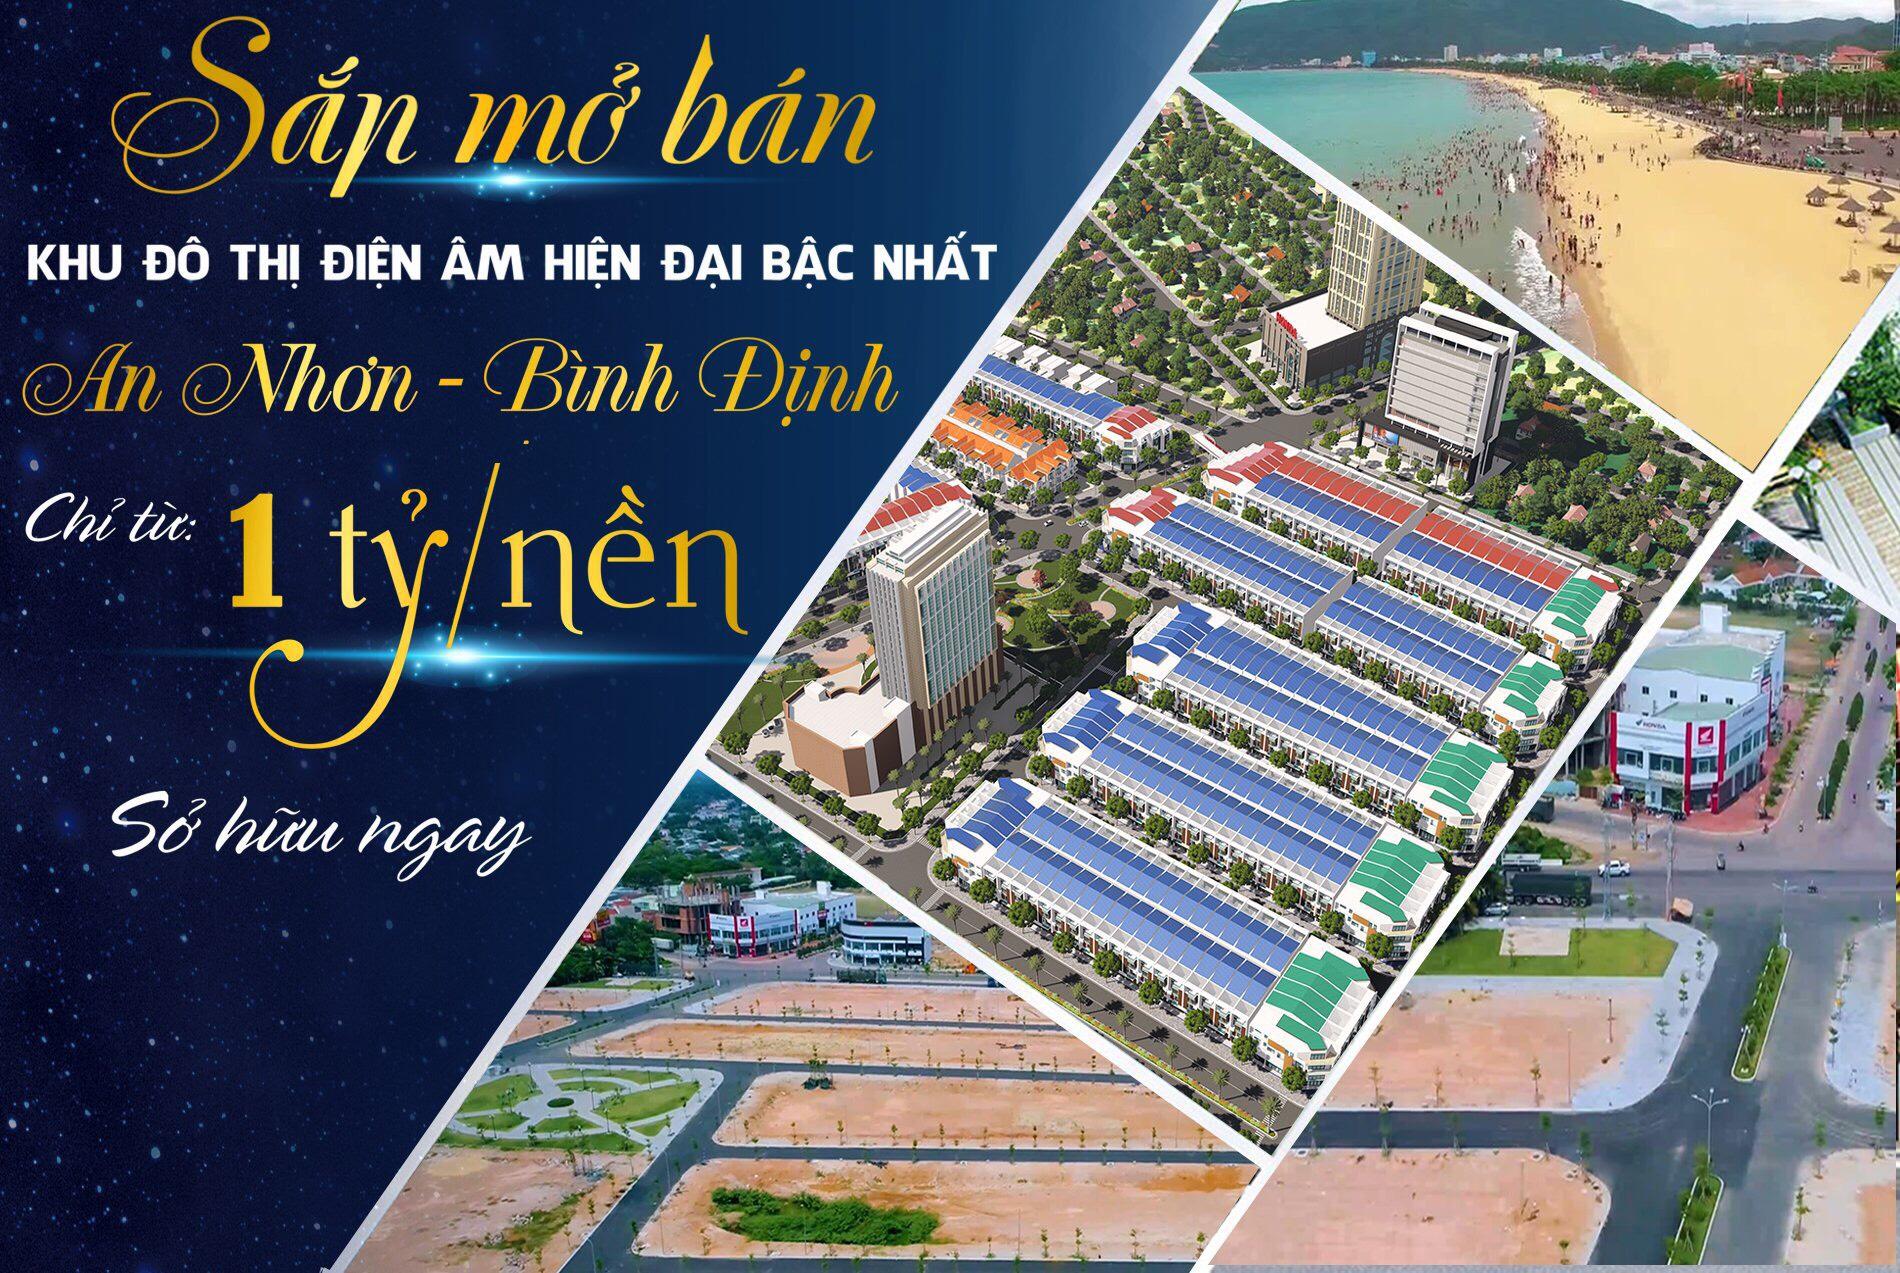 Quy Nhơn New City thức tỉnh bất động sản An Nhơn, Bình Định